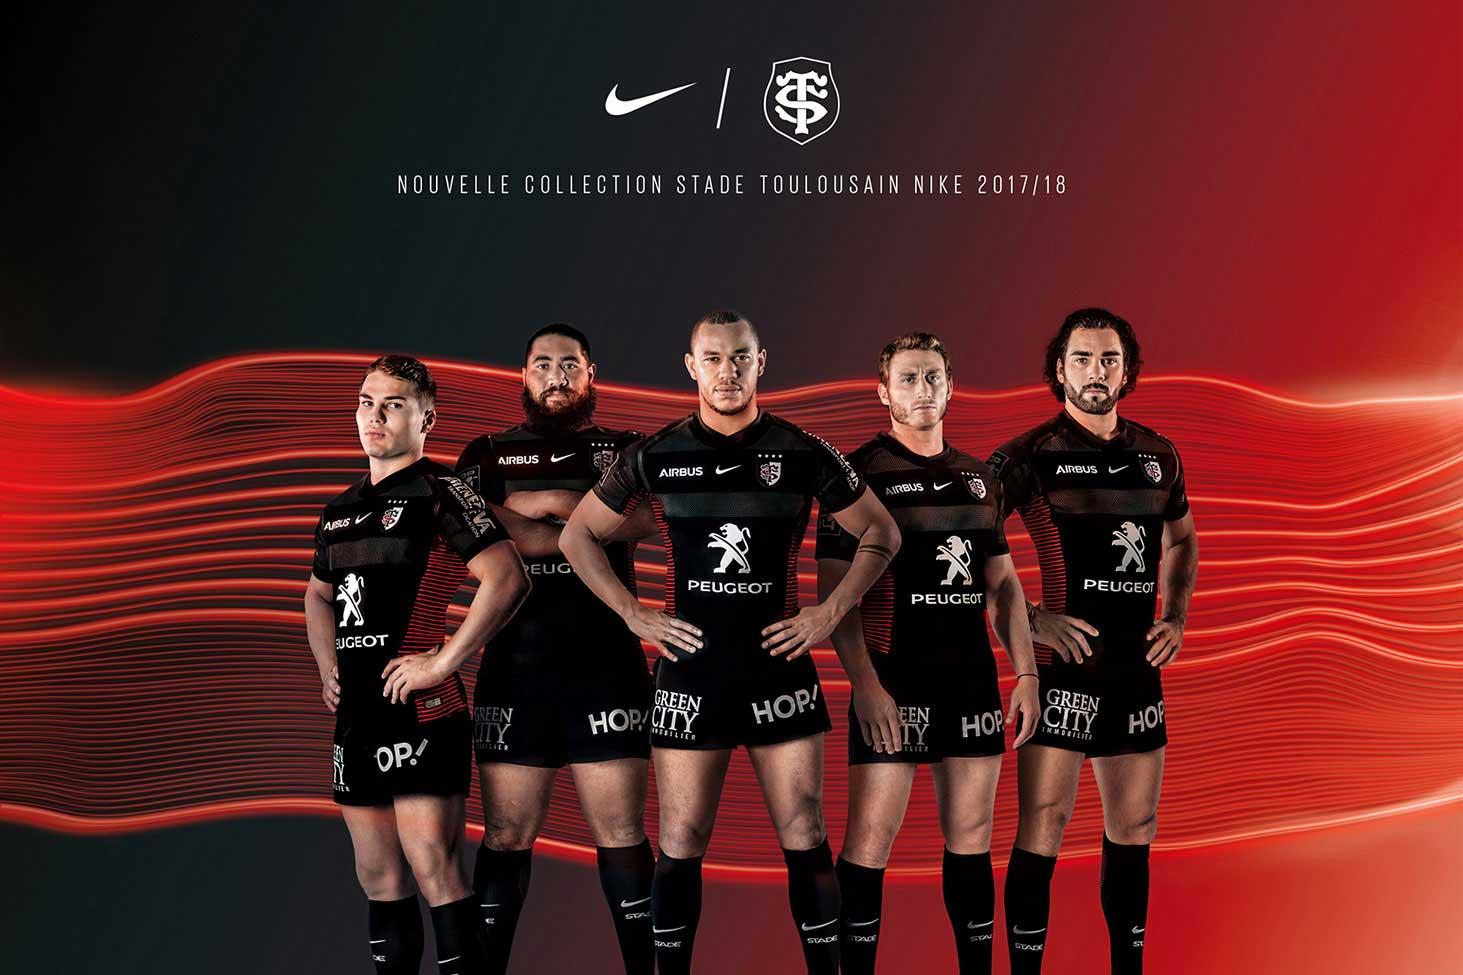 Stade Toulousain Nike